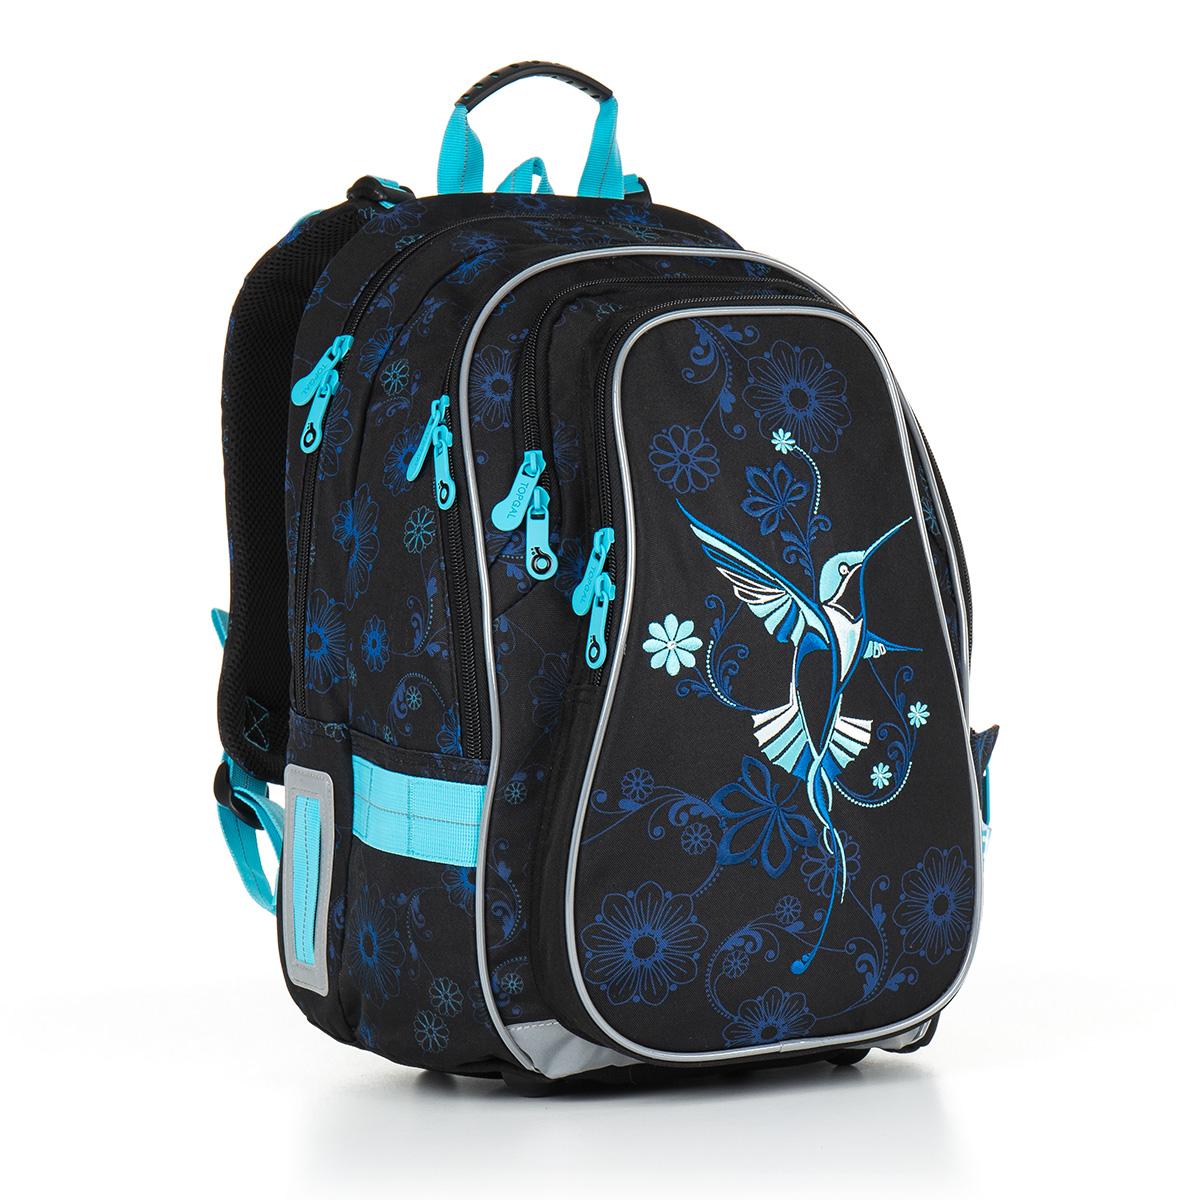 Topgal školní batoh CHI 882 A - Black